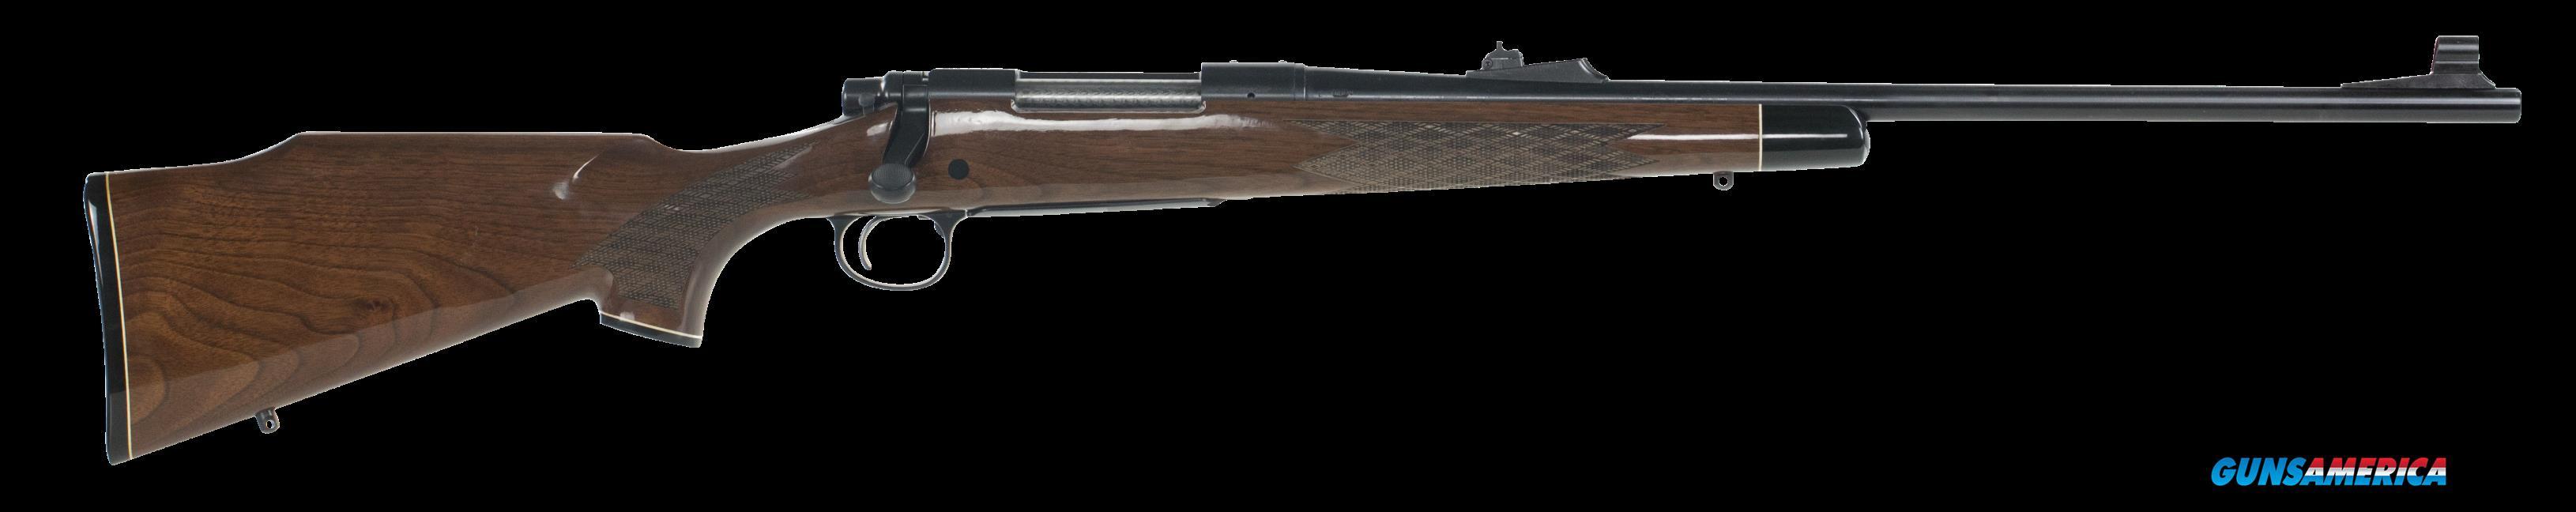 Remington Firearms 700, Rem 25791 700 Bdl 270 Win  Guns > Pistols > 1911 Pistol Copies (non-Colt)